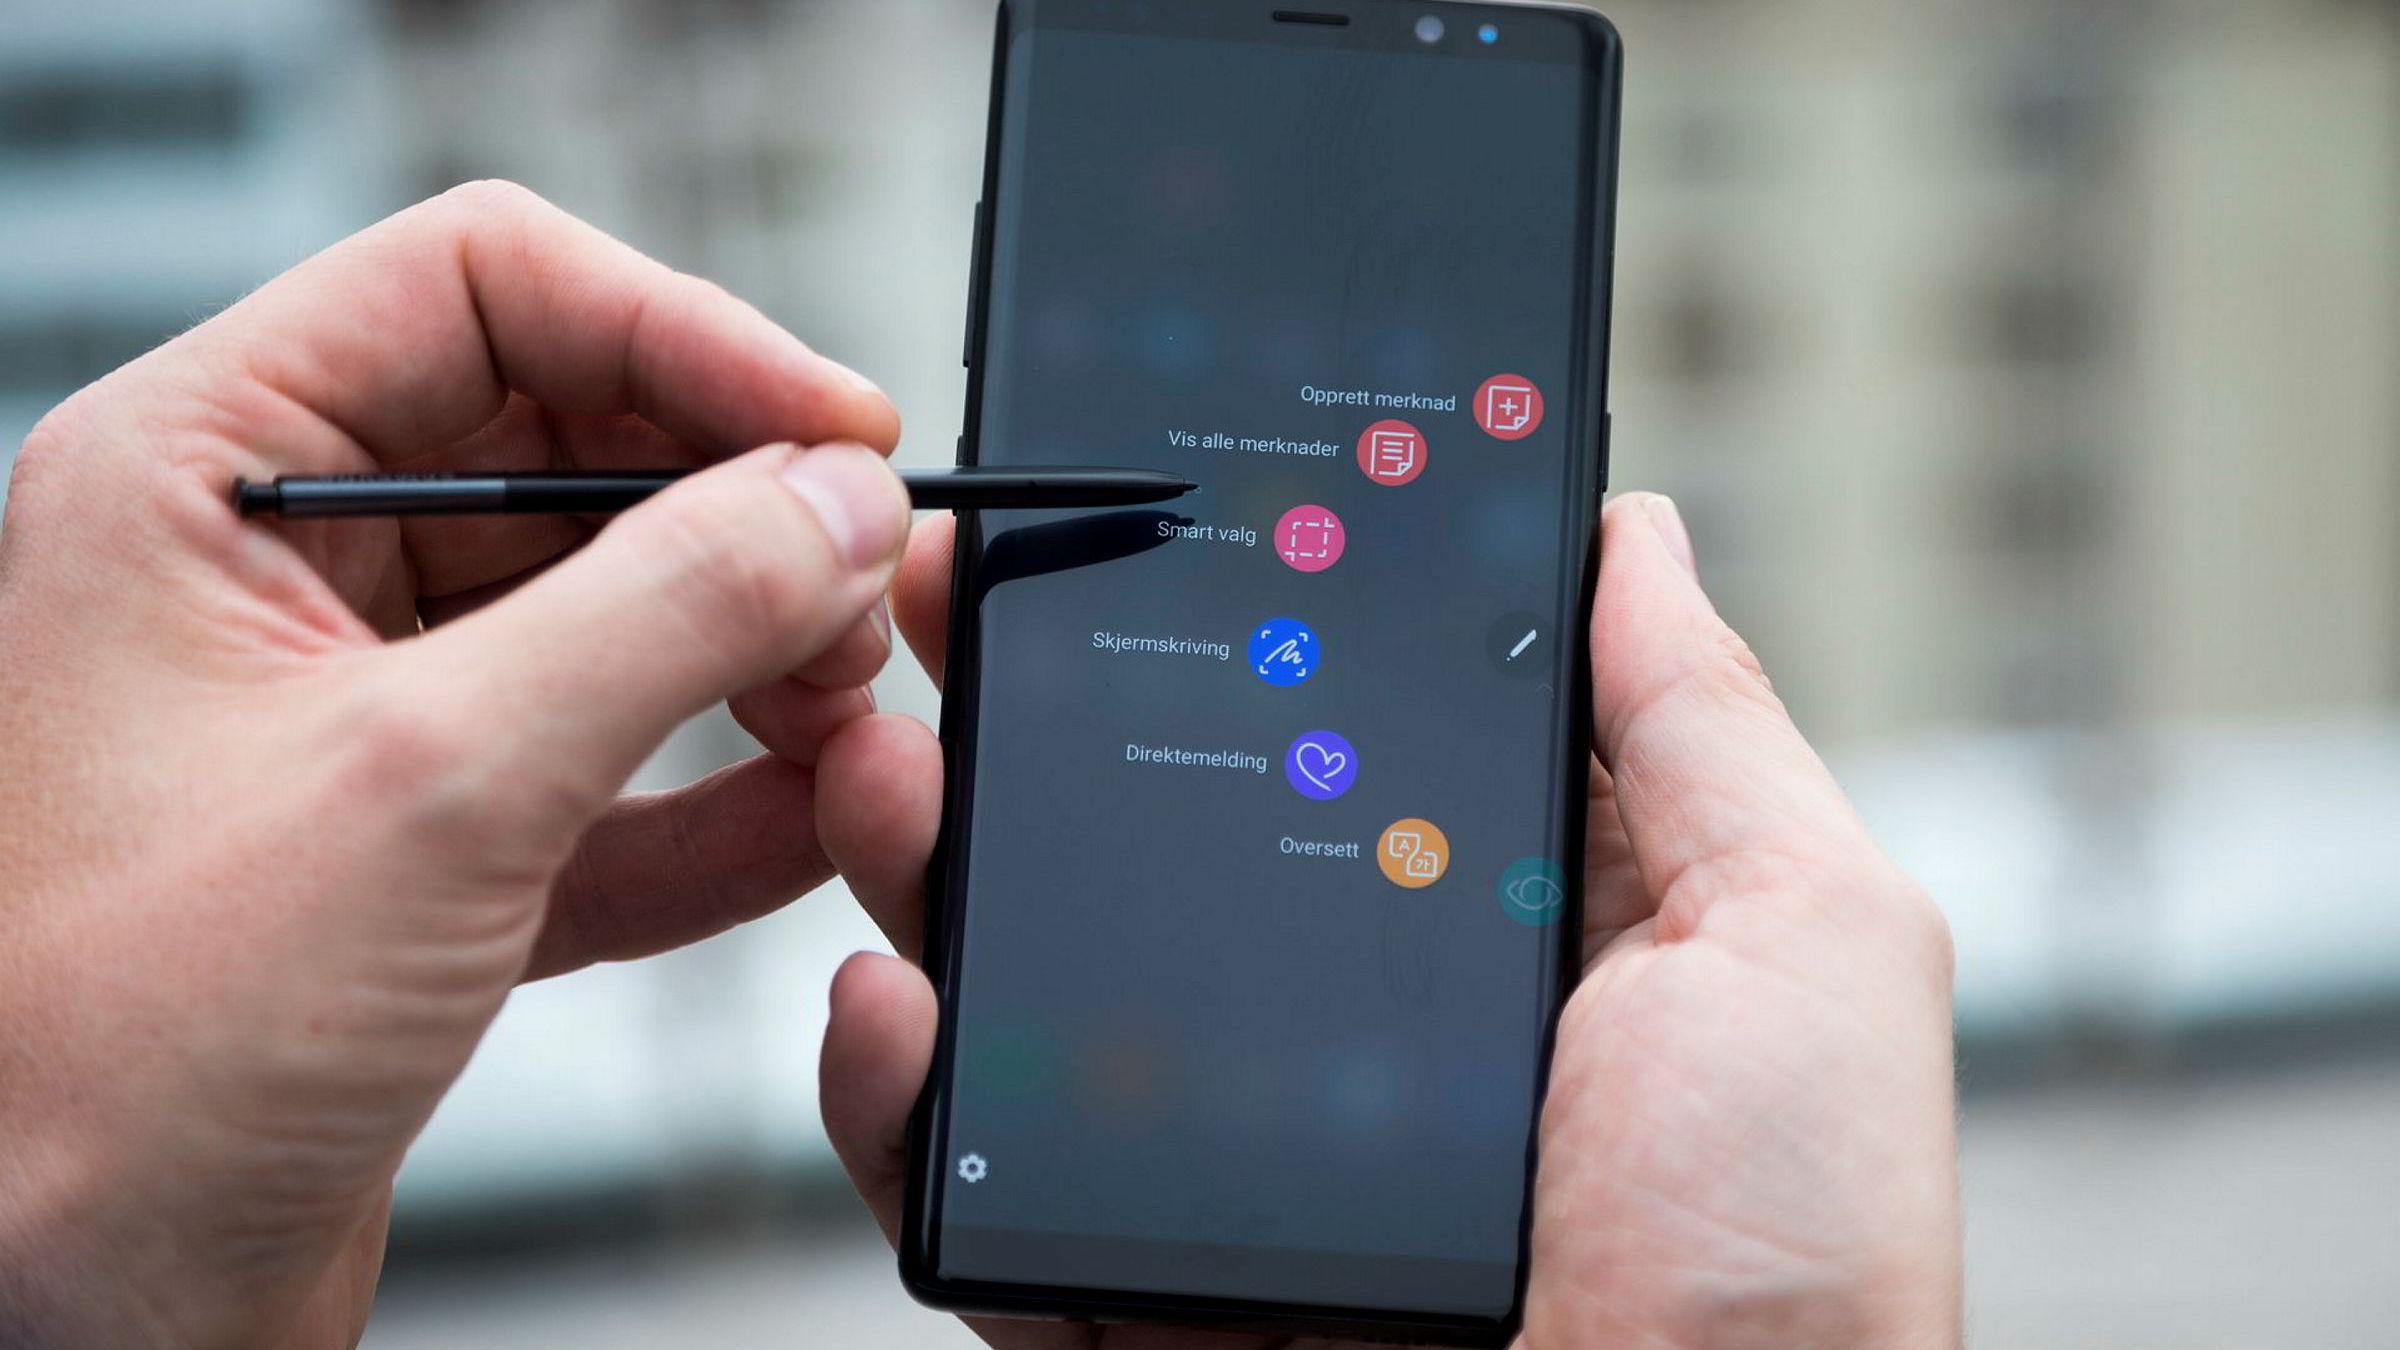 Samsung Note 8 har flere egenskaper andre telefoner ikke har. Men den stive prisen vil nok gjøre at den fortsetter å være en nisjetelefon.